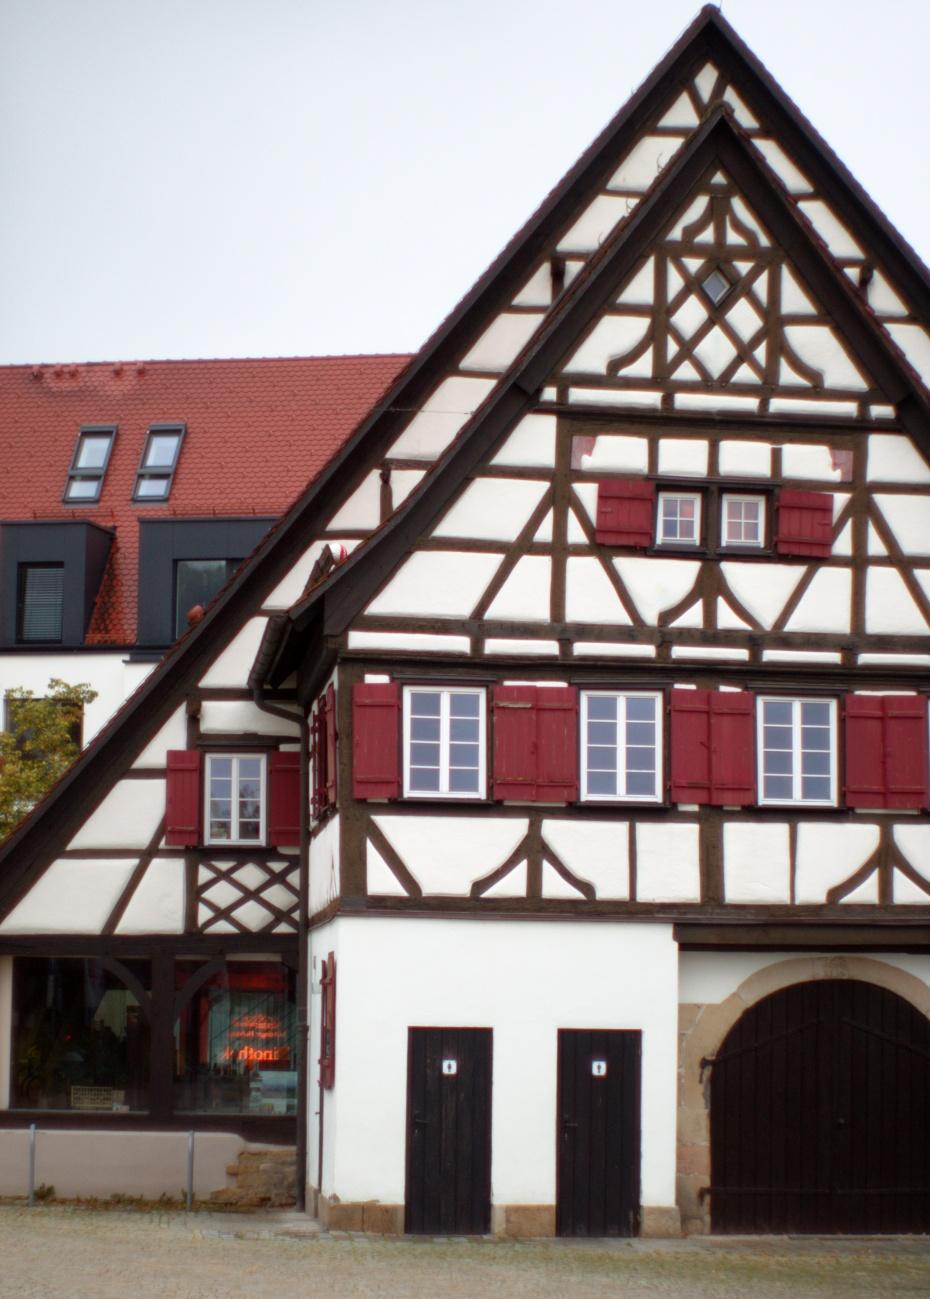 Bild der Woche #93 (KW 40/2021) — Metzingen Kelterplatz